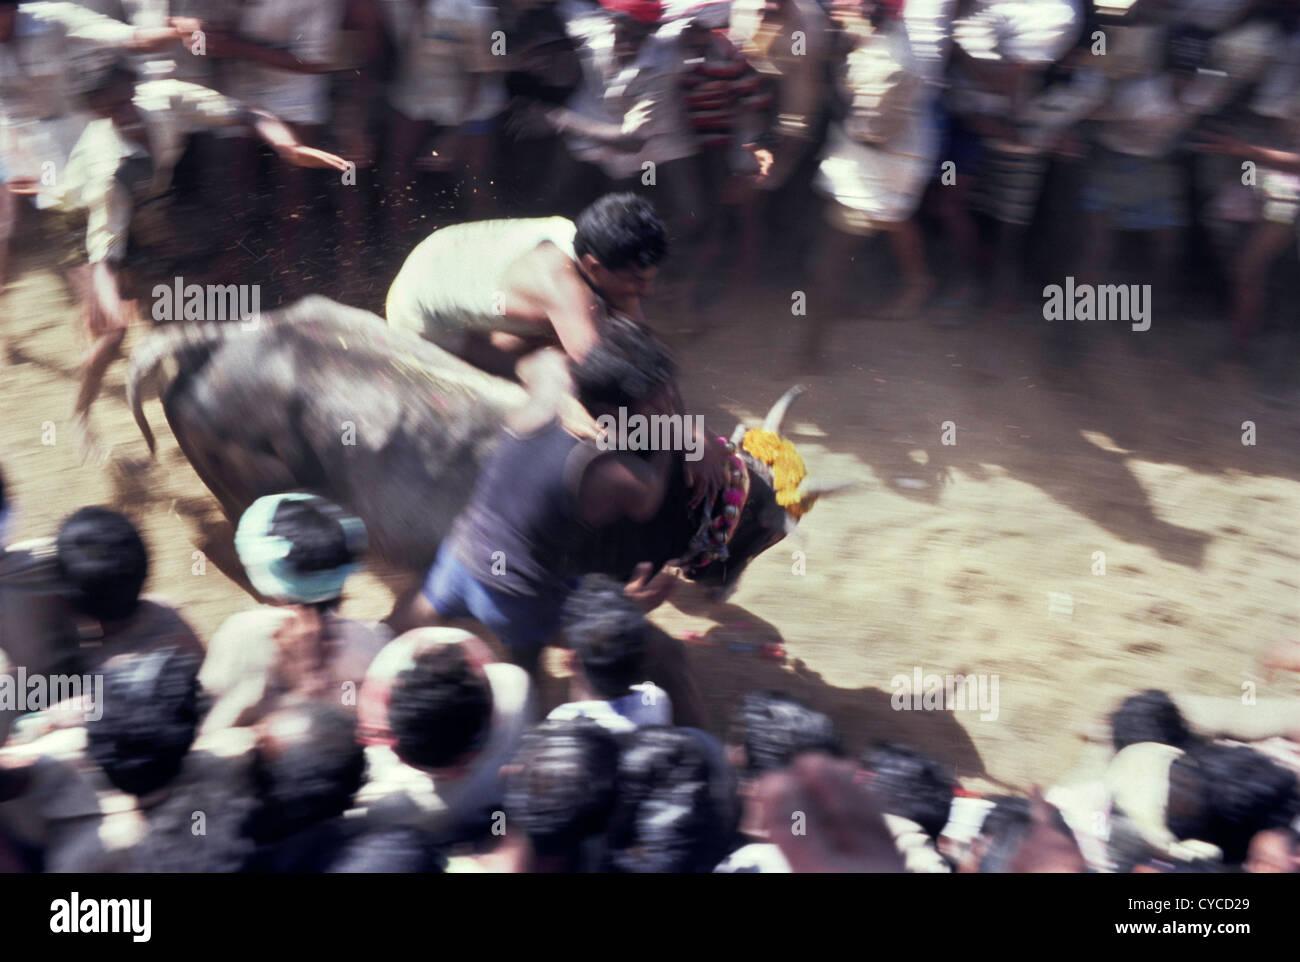 Jallikattu;bull taming in Alanganallur near Madurai,Tamil Nadu,India - Stock Image